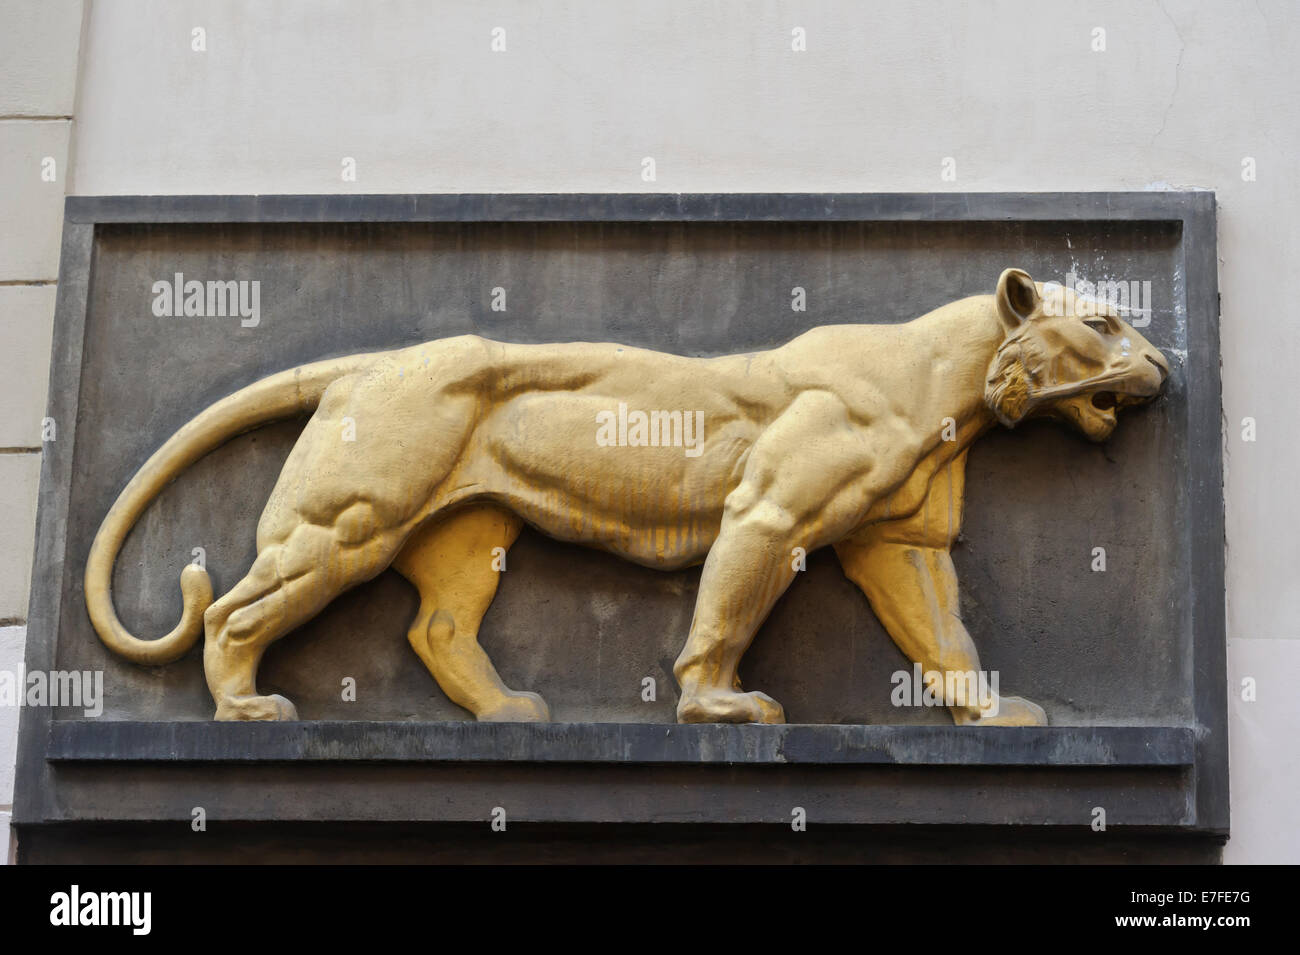 """La fameuse """"Golden Tiger' house signe au-dessus de l'entrée d'un pub, Prague, République Photo Stock"""